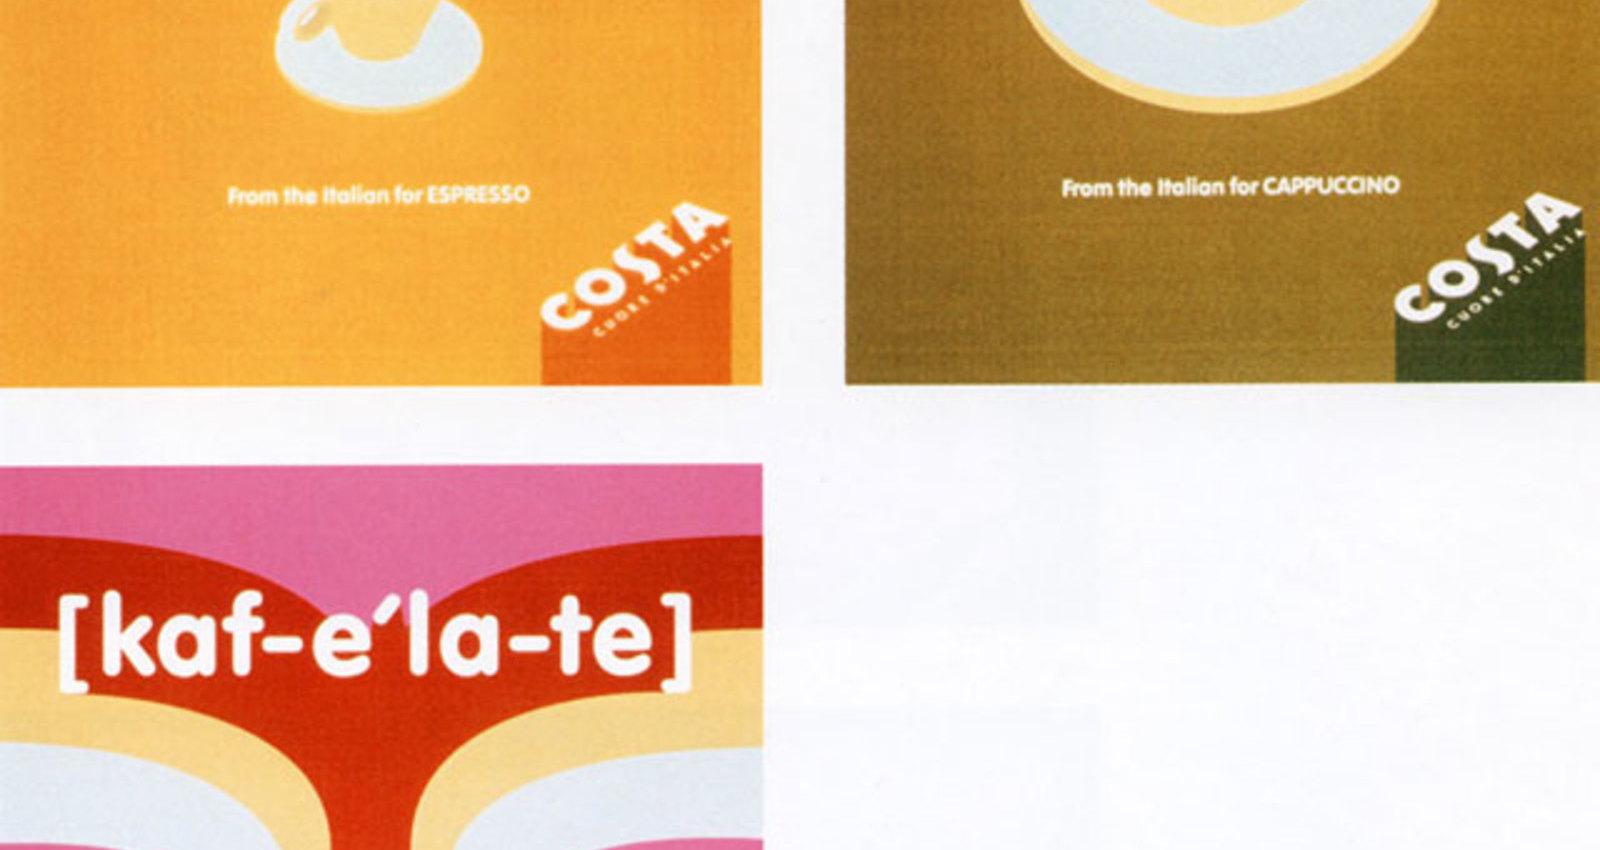 Costa Design ID-Various